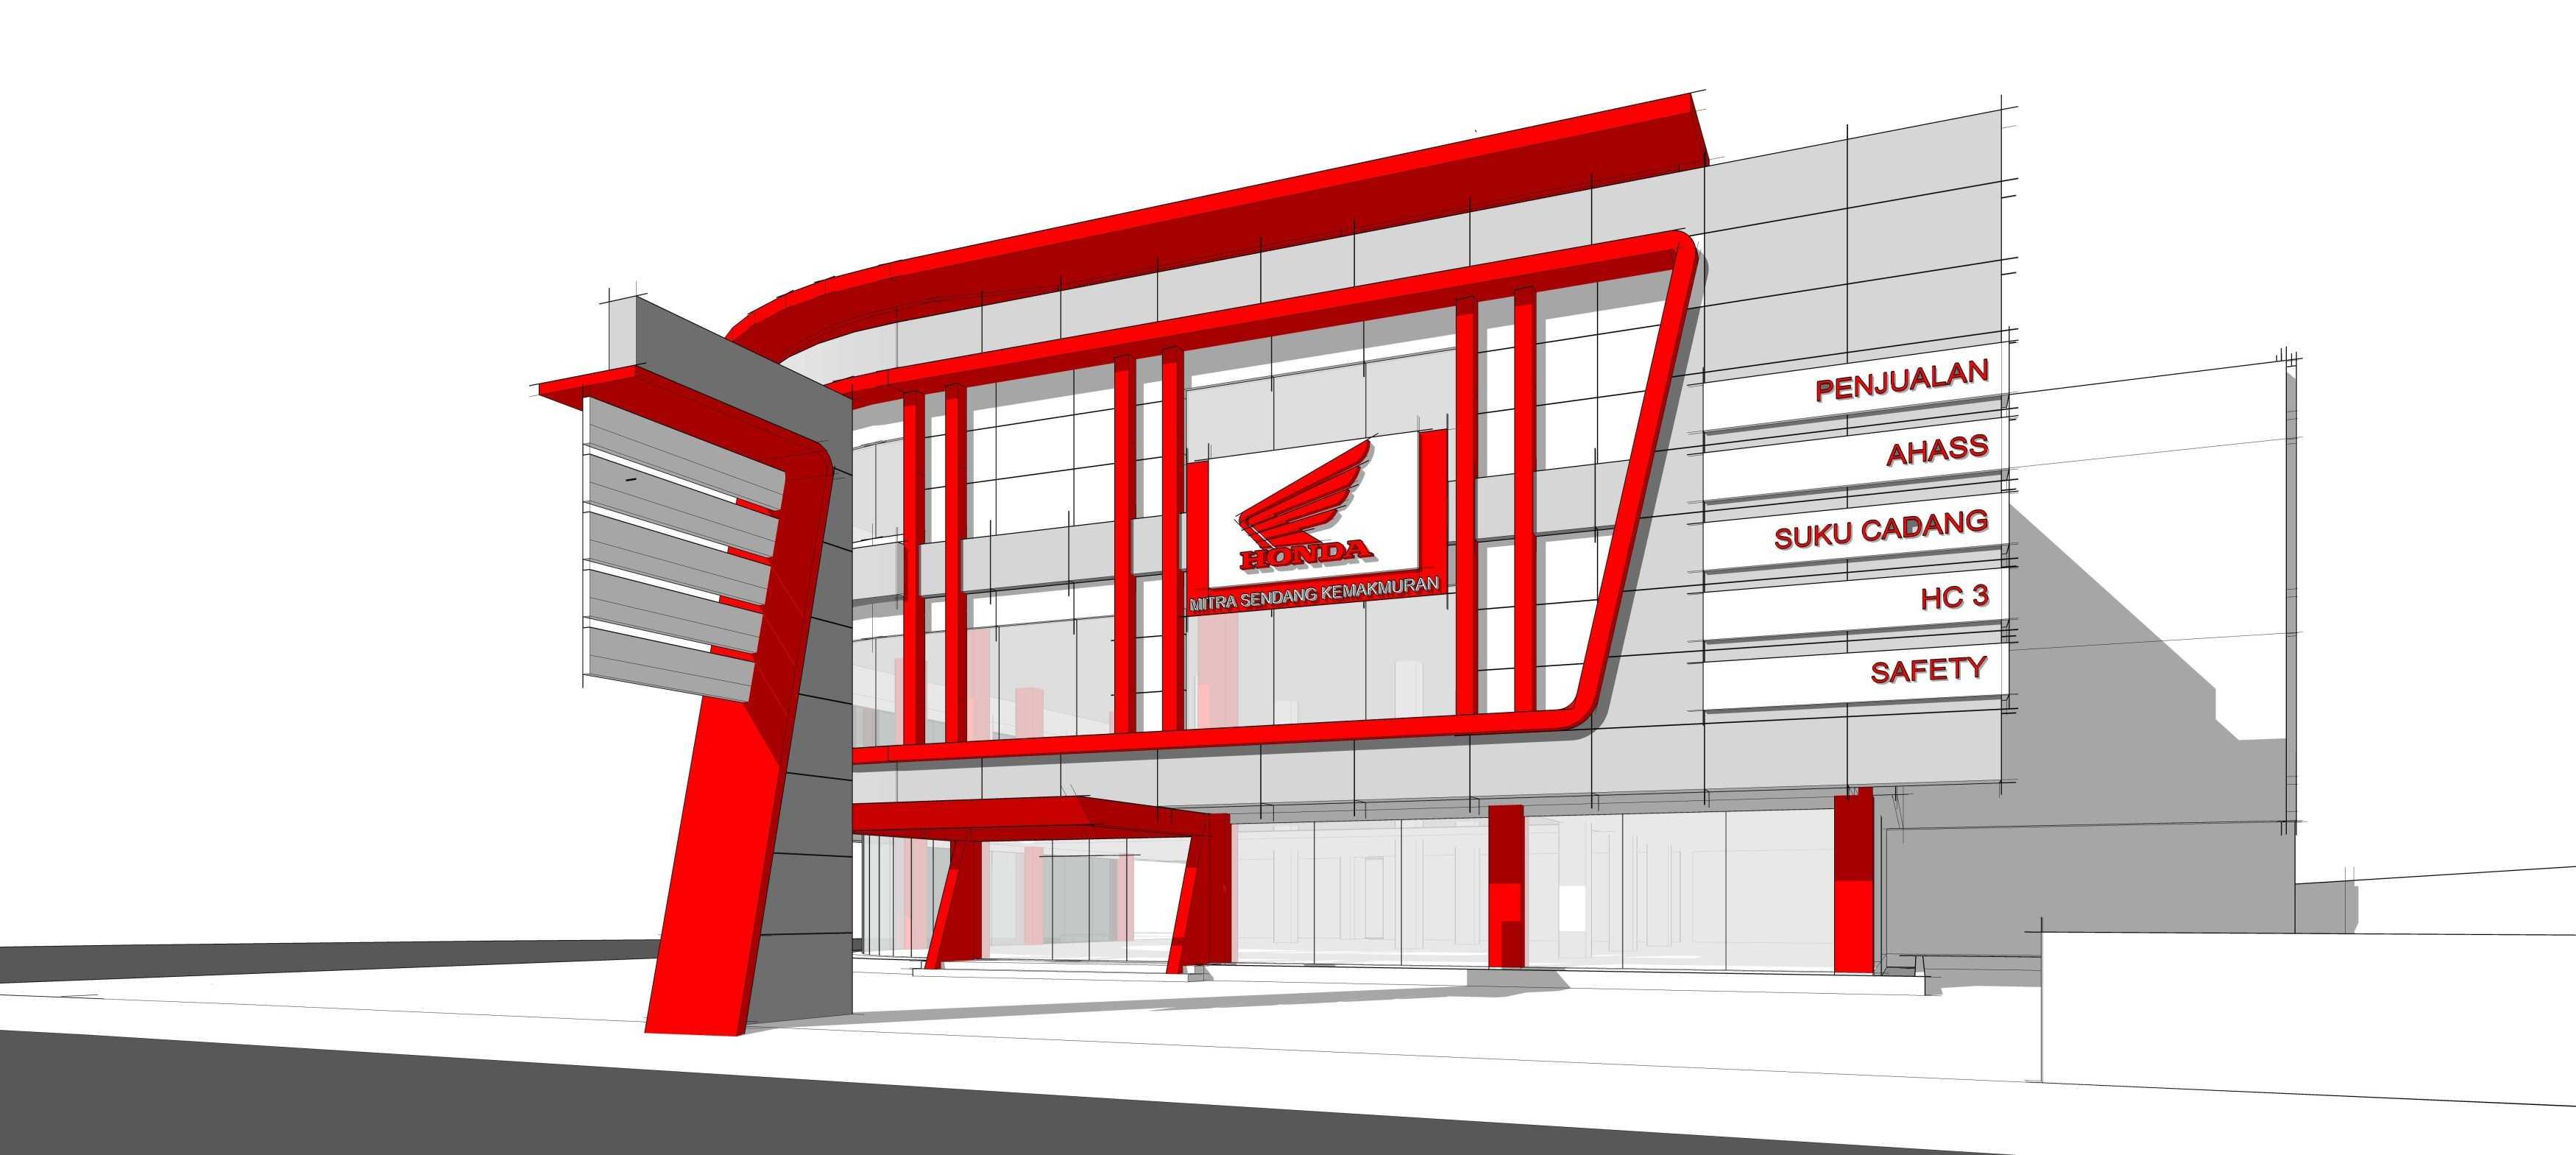 Gubah Ruang Studio Honda Msk Showroom Serang, Banten, Indonesia Serang, Banten, Indonesia Exterior View   50850